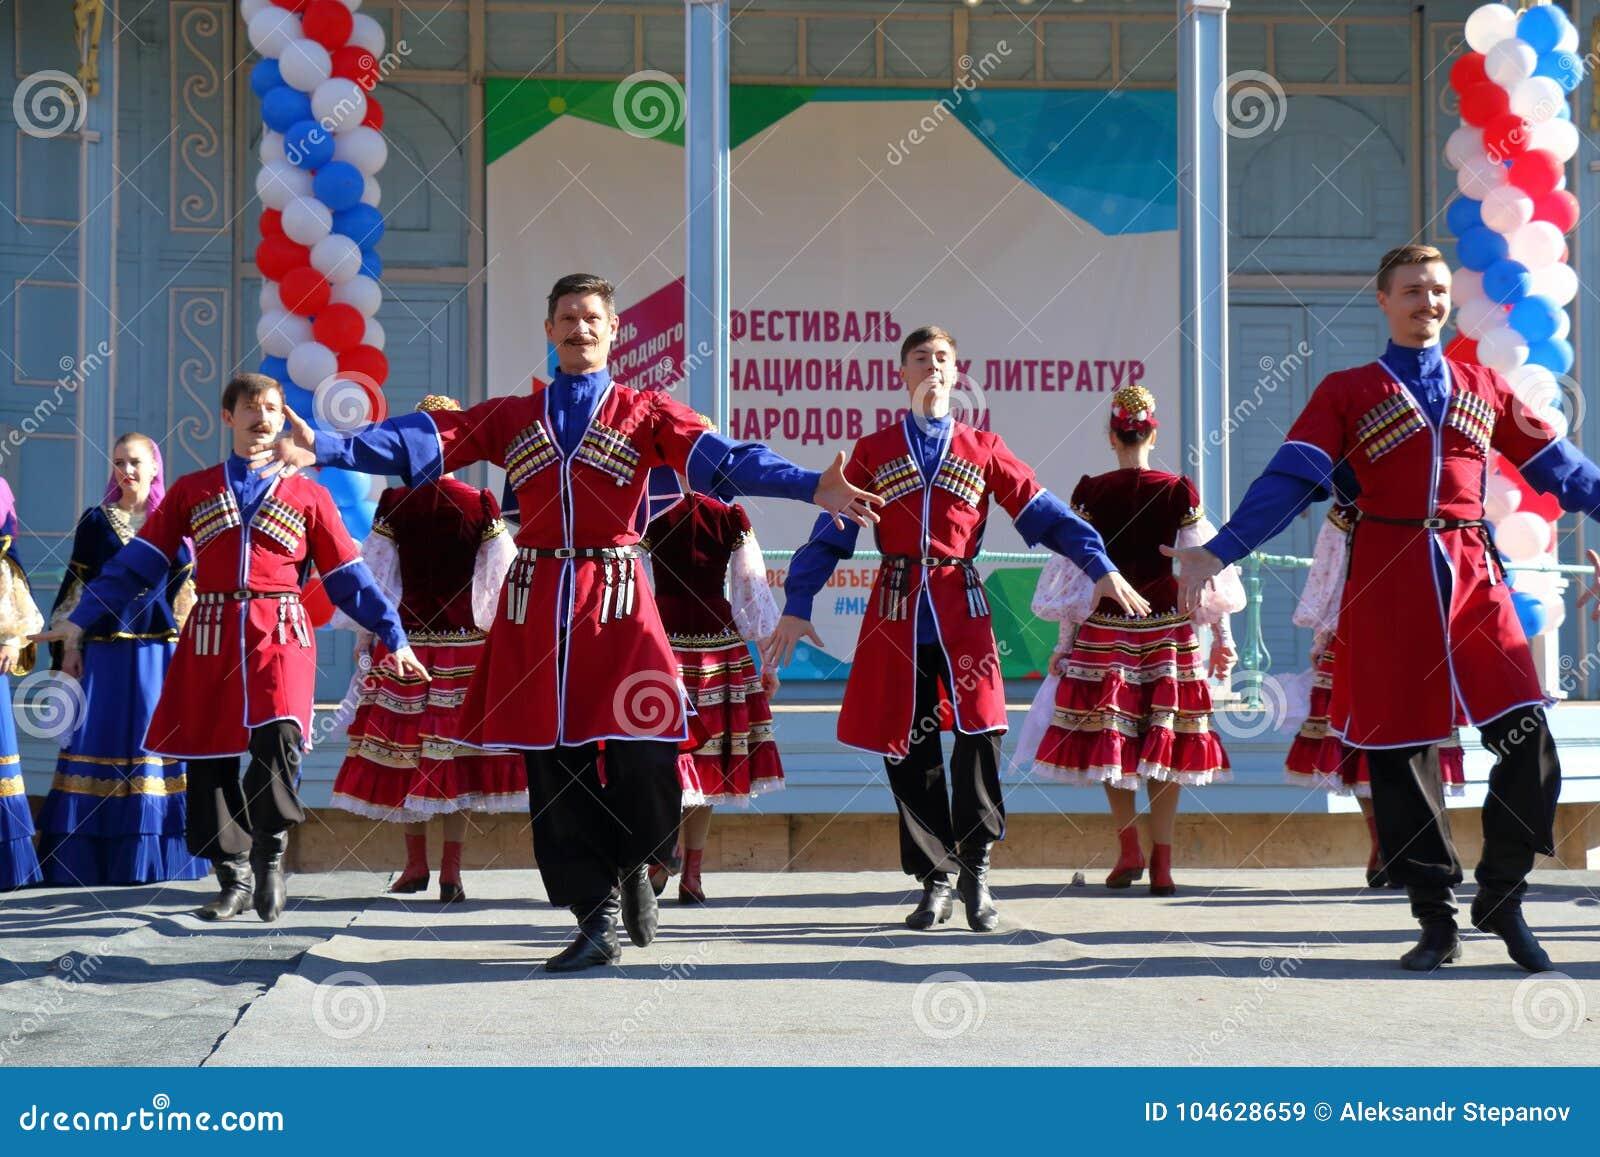 Download De Kozakdans In Traditionele Kleren Pyatigorsk, Rusland Redactionele Stock Afbeelding - Afbeelding bestaande uit genaturaliseerd, dans: 104628659